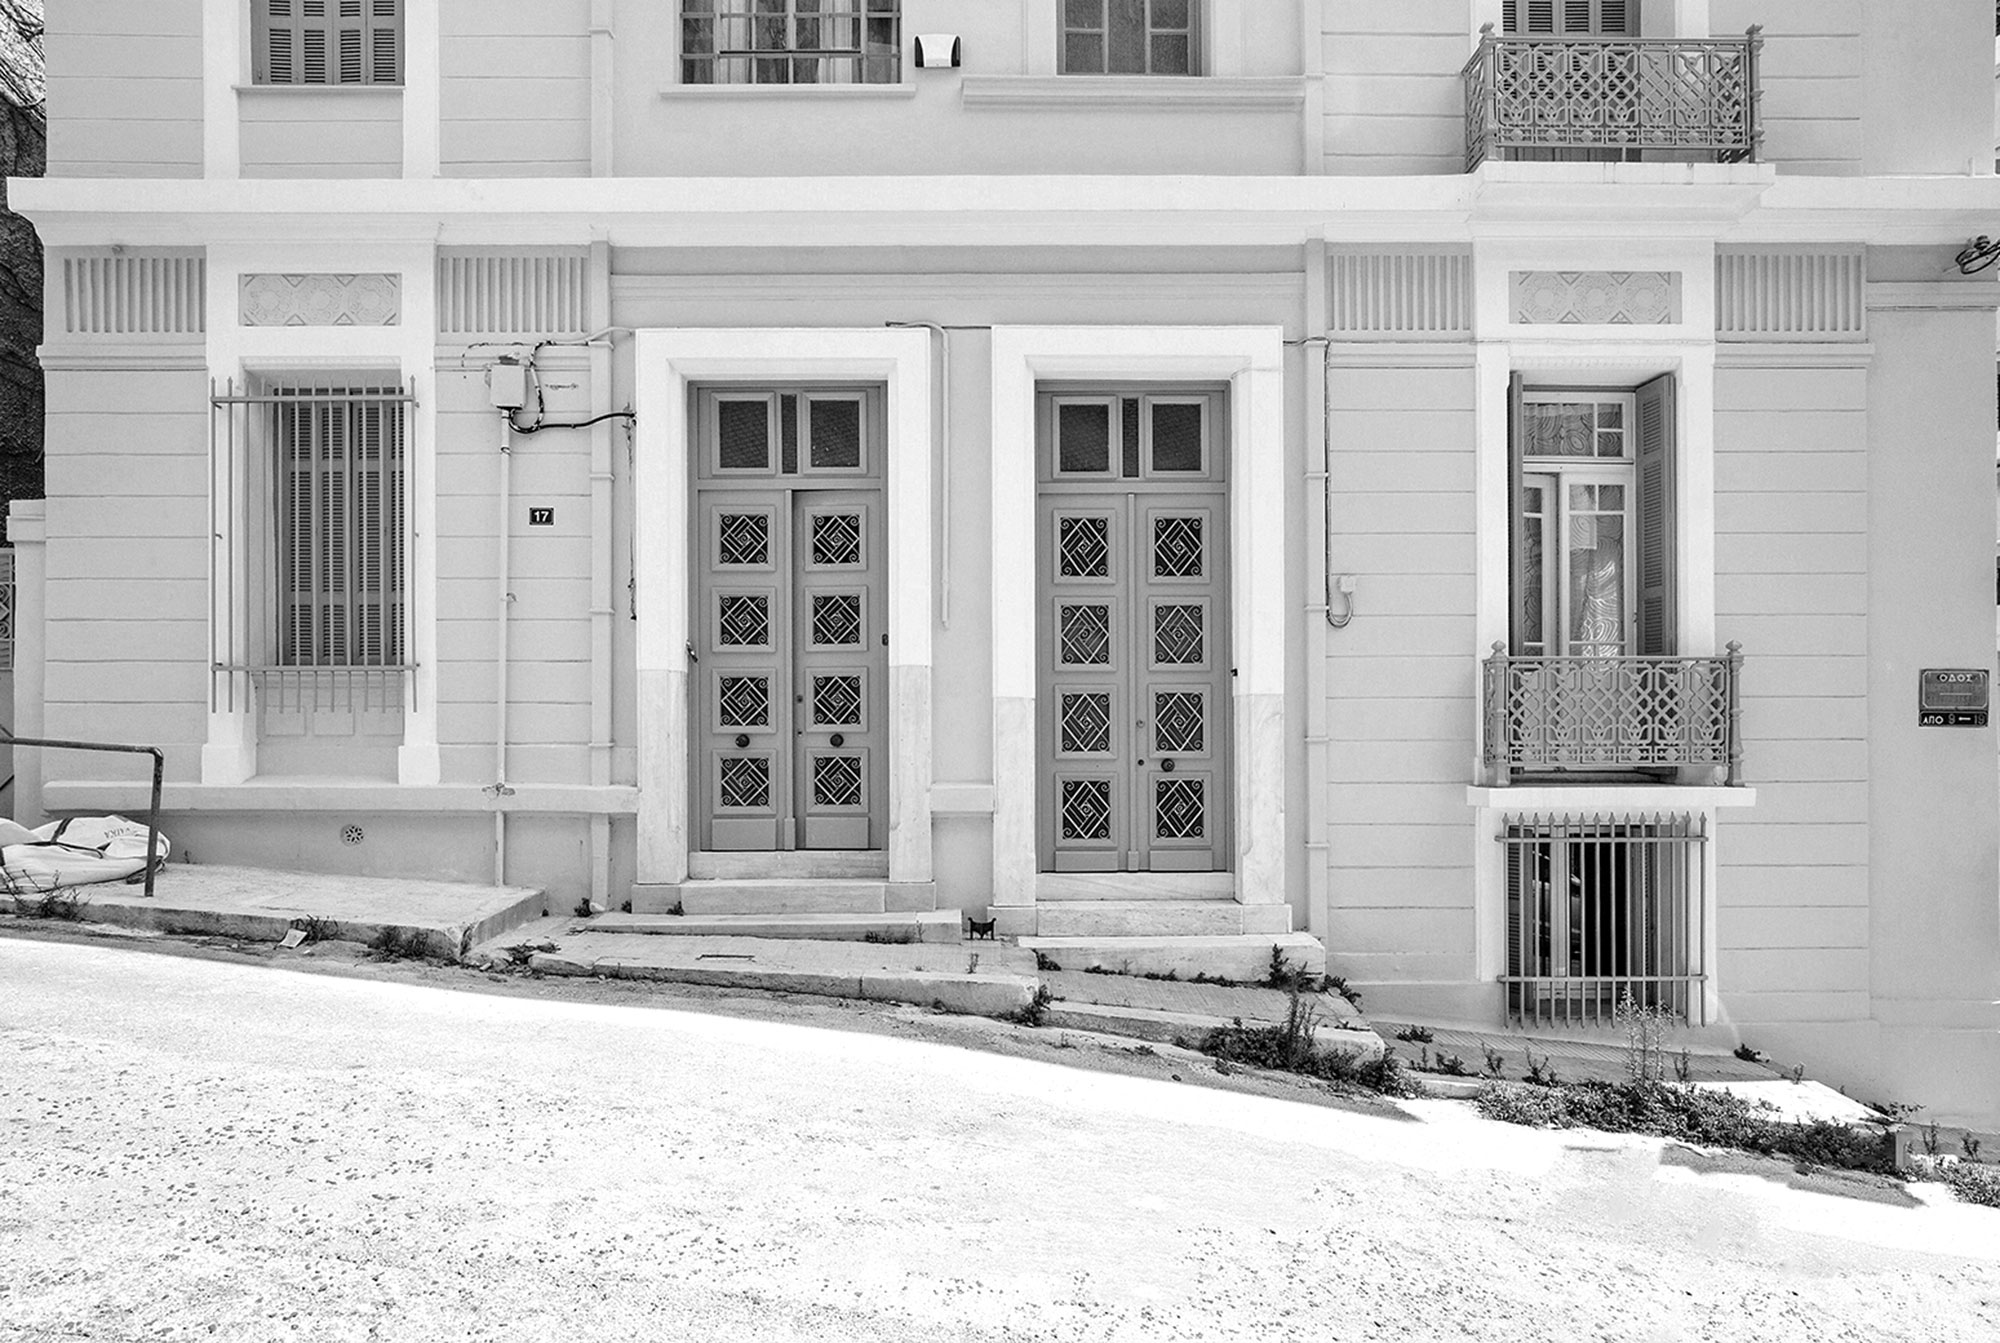 Ανακαίνιση διαμερίσματος σε διατηρητέο κτήριο